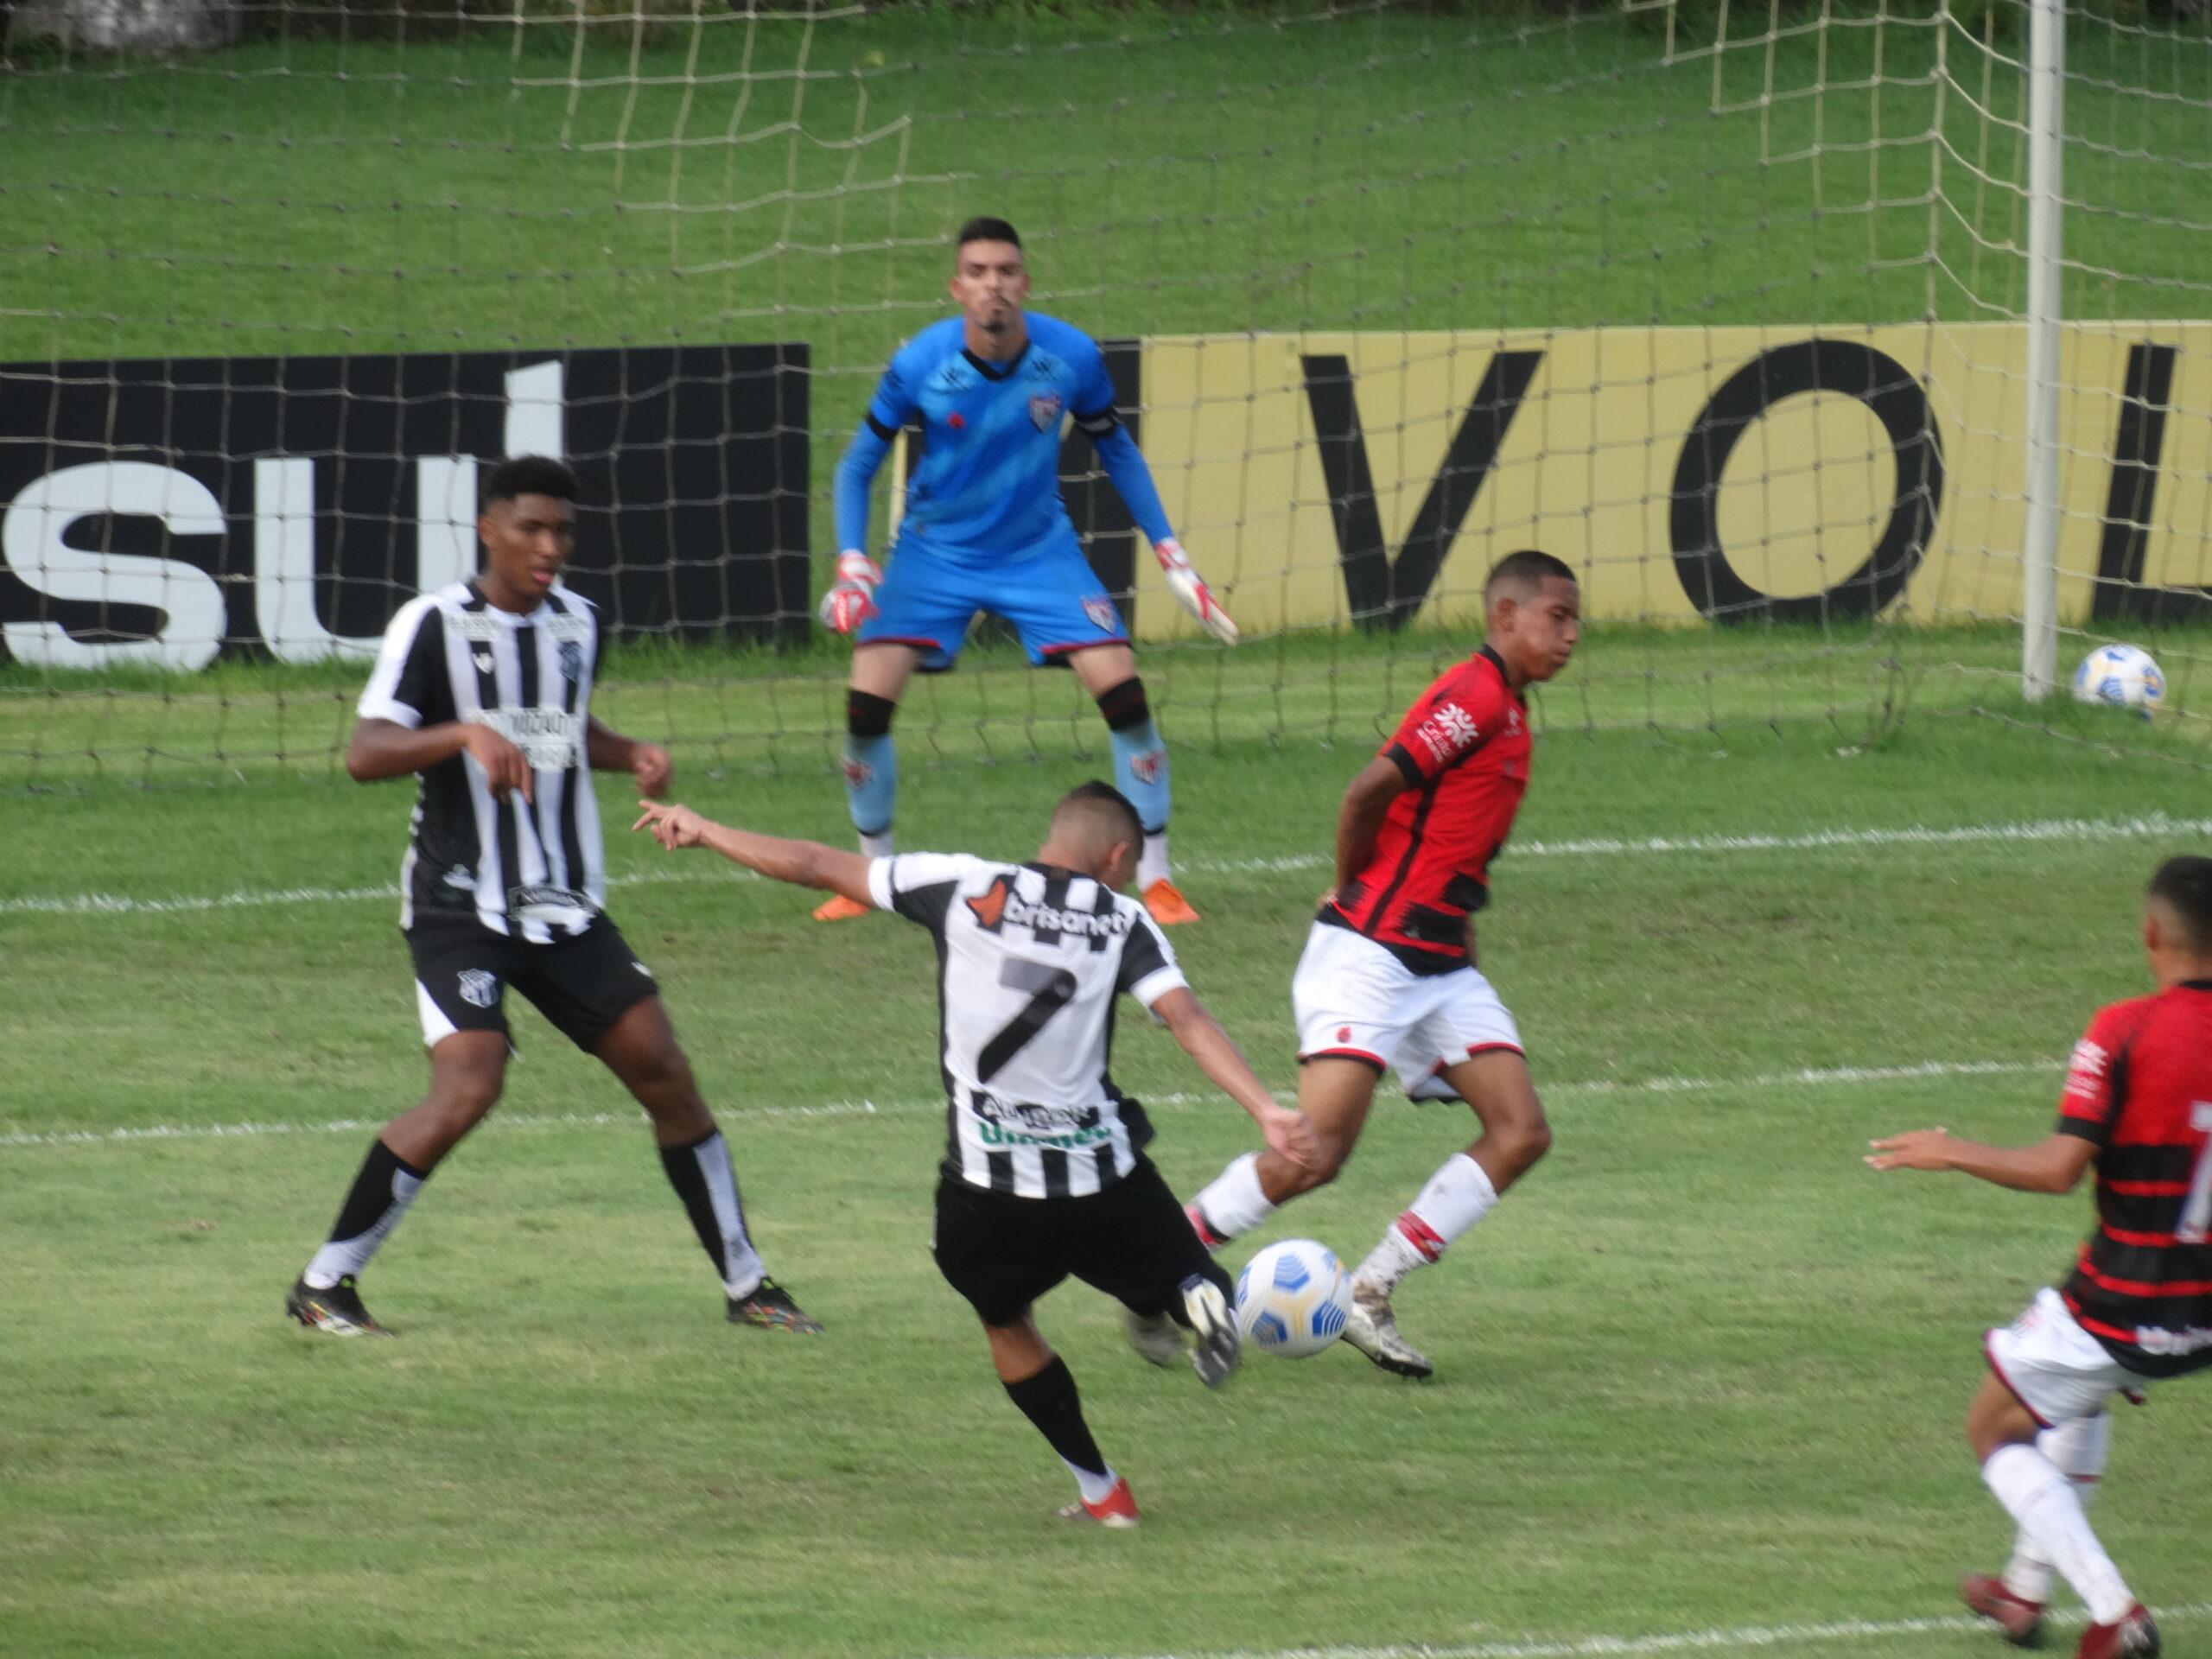 Sub-17: De virada, Ceará estreia com vitória pelo Campeonato Brasileiro contra o Atlético-GO